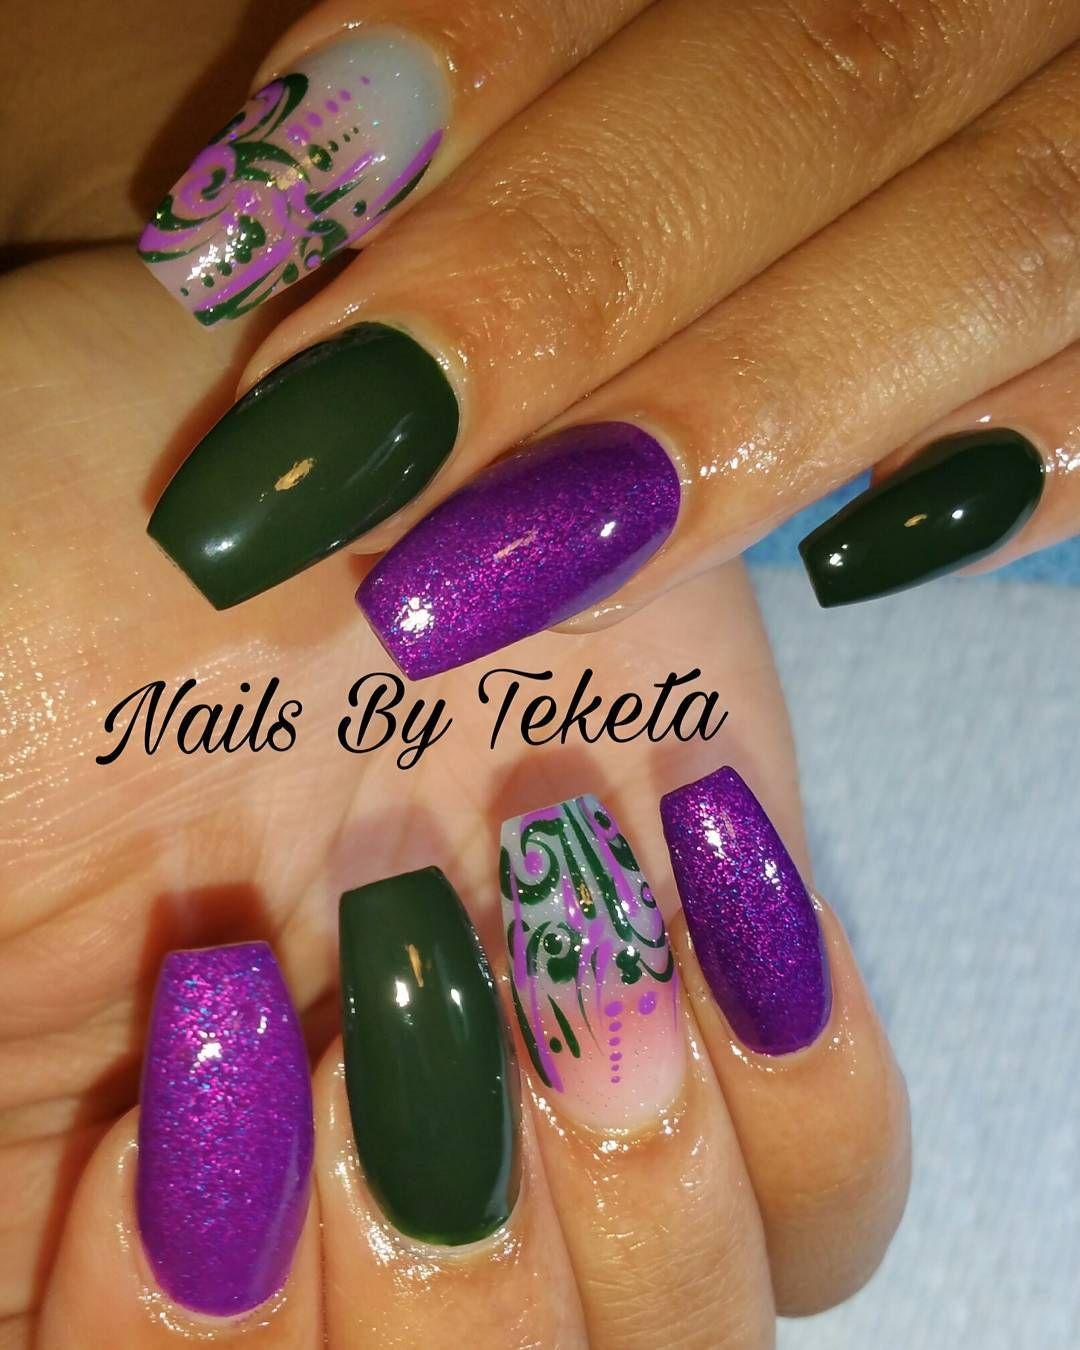 Teketa (ketas_you_nique_nails) NailsByTeketa